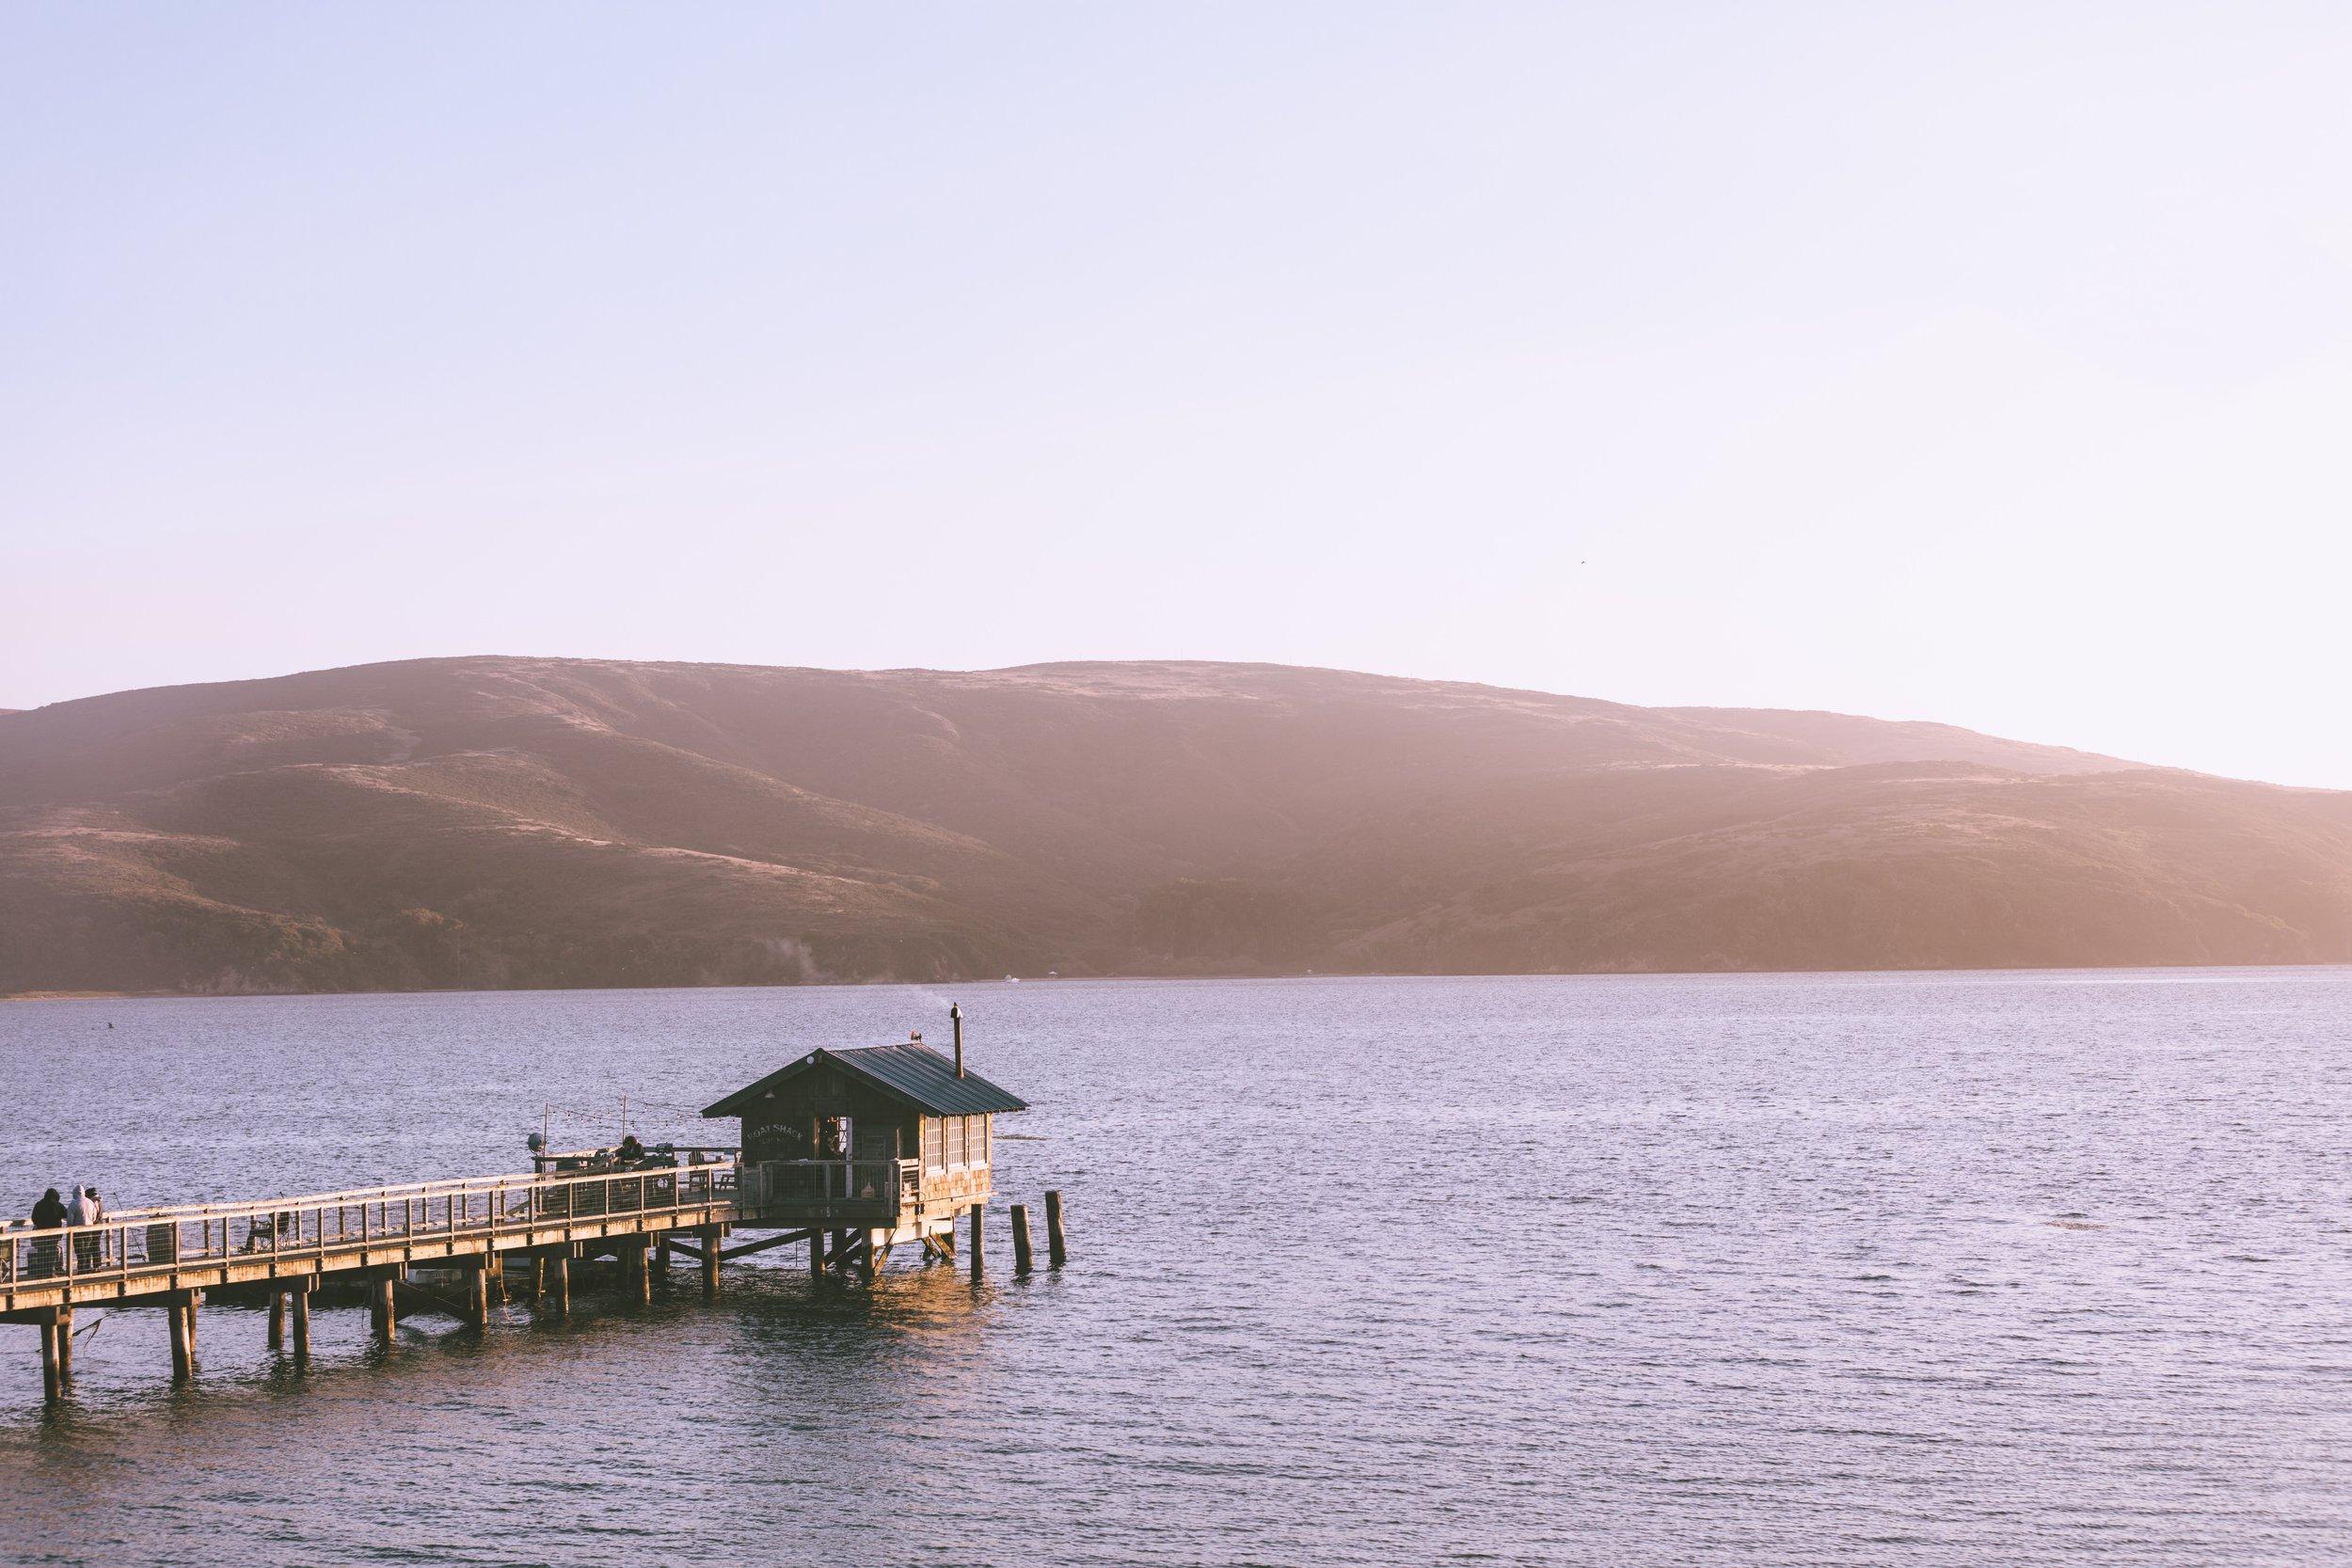 Tomales Bay, photo by Thomas Ciszewski.